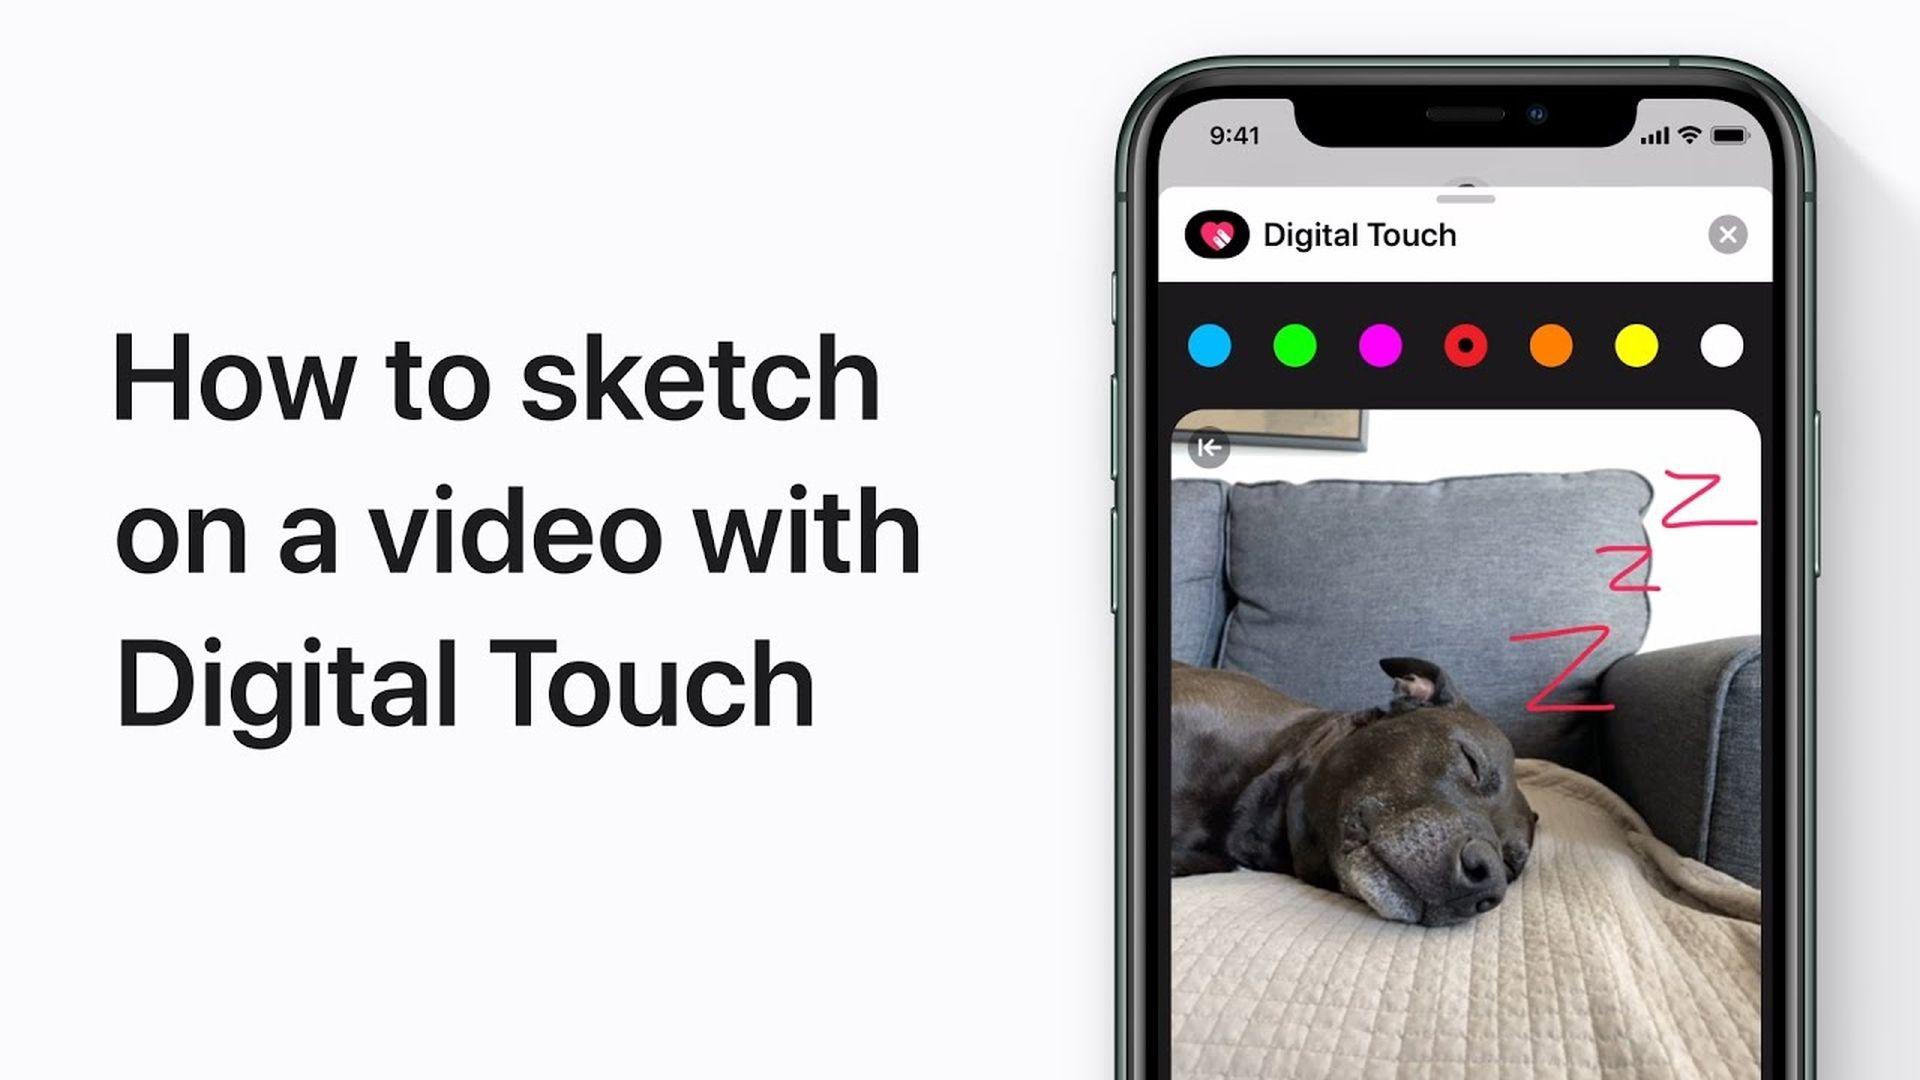 Poradnik Apple: Jak rysować na wideo za pomocą Digital Touch